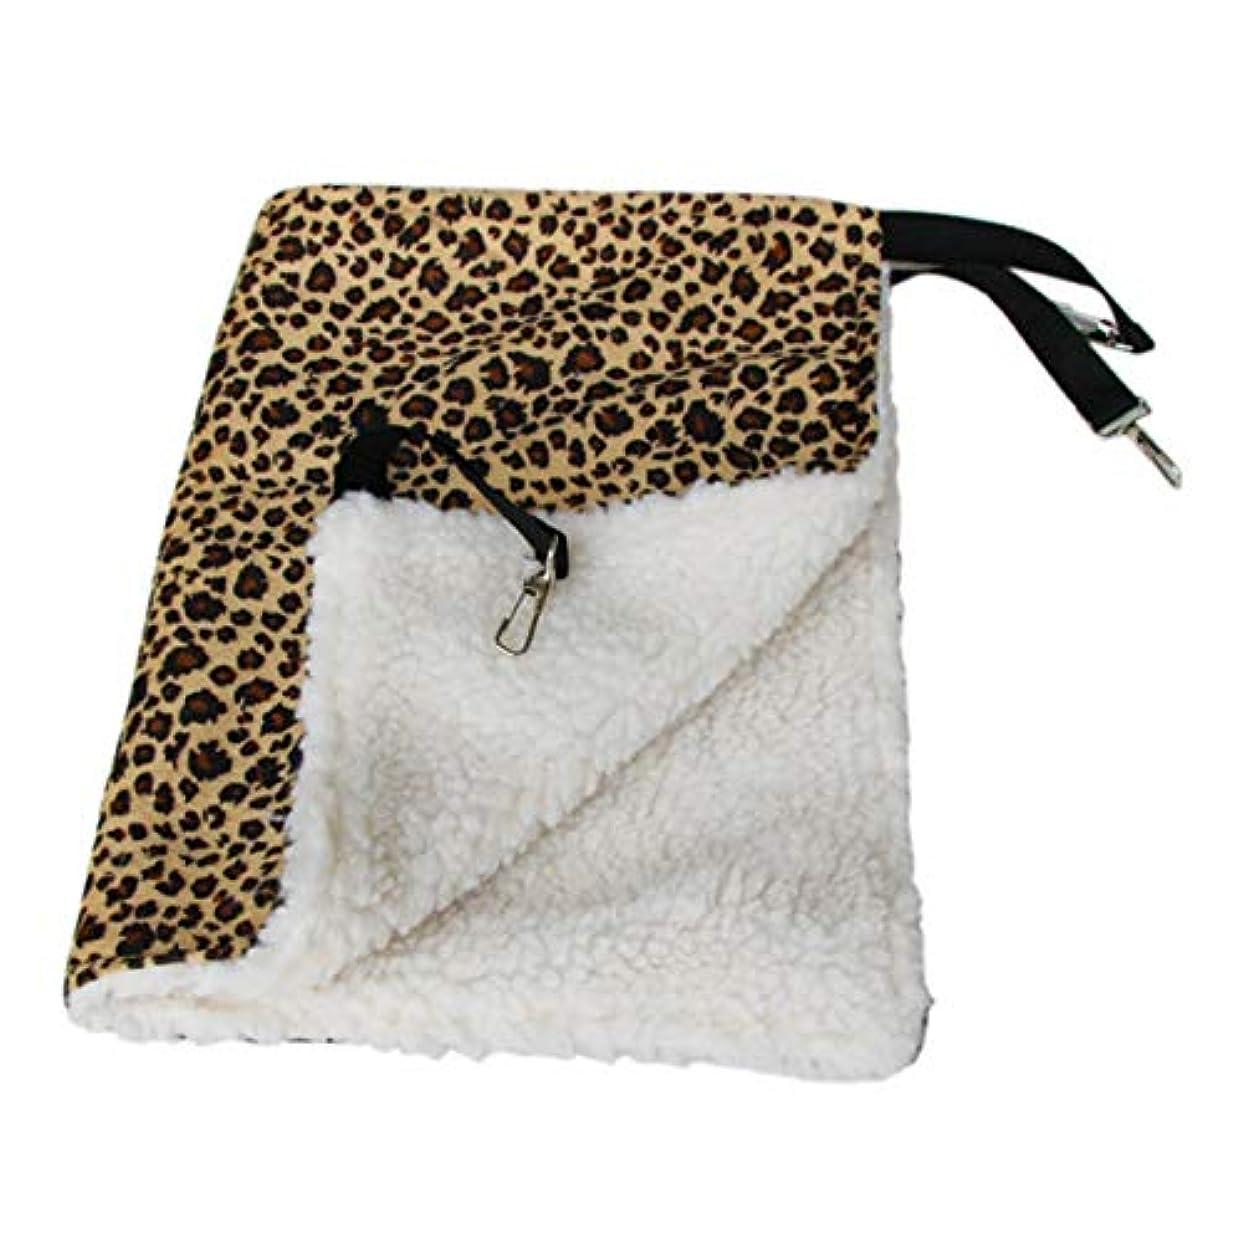 助手適合する概念Saikogoods 暖かいハンギング猫ベッドマットソフトキャットハンモック冬ハンモックペット子猫ケージベッドカバークッションエアベッドペット 黄 L